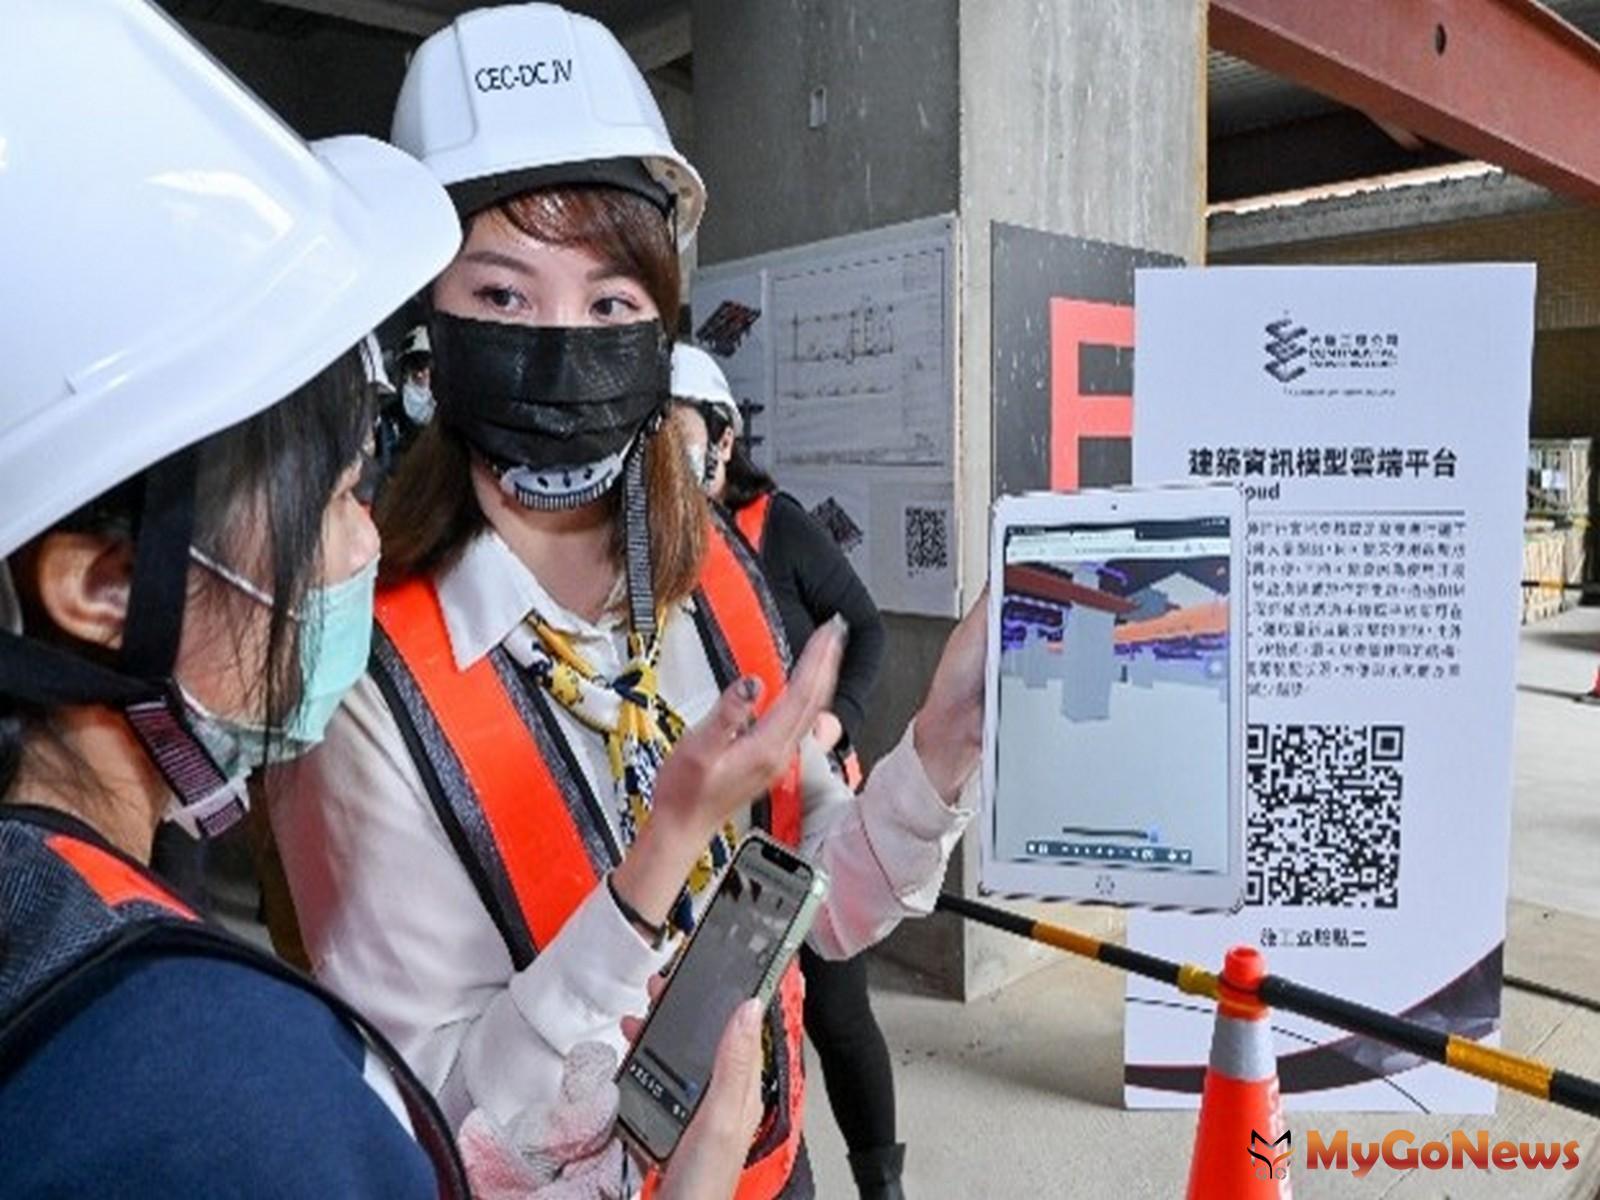 大陸工程在南港機廠公共住宅工務所展現多項營造科技應用技術(圖/業者提供) MyGoNews房地產新聞 市場快訊